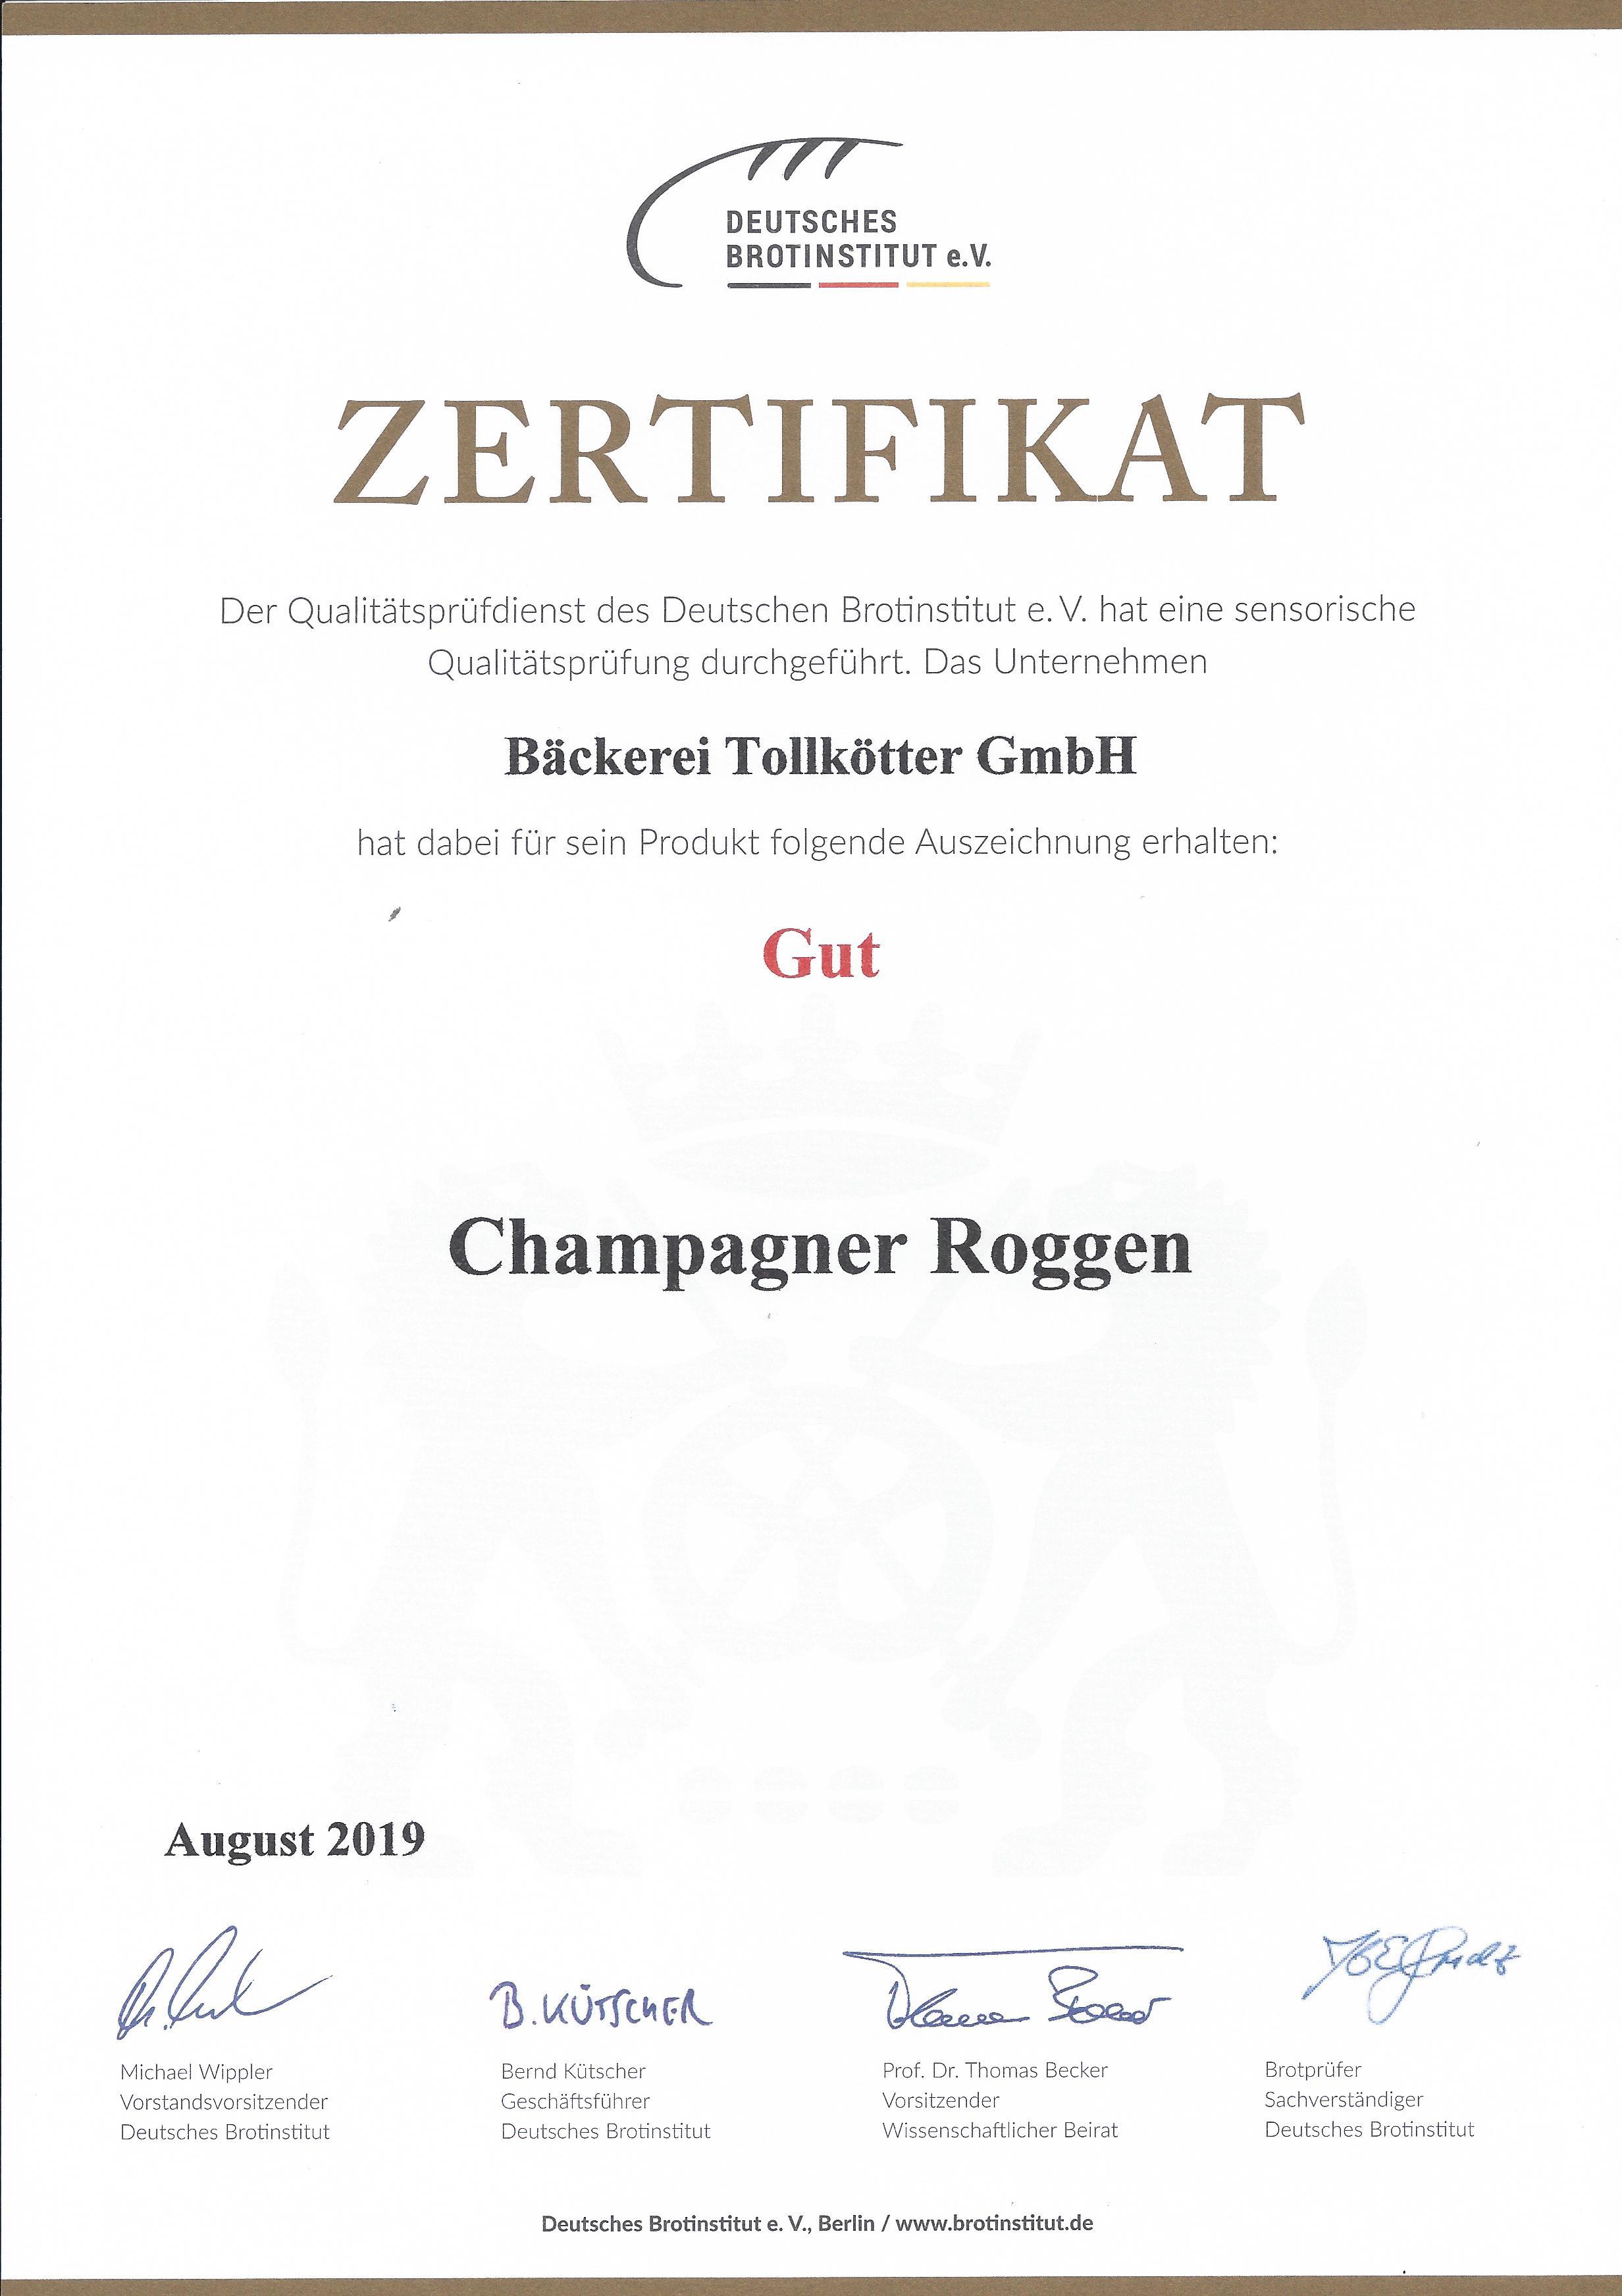 Champagner Roggen